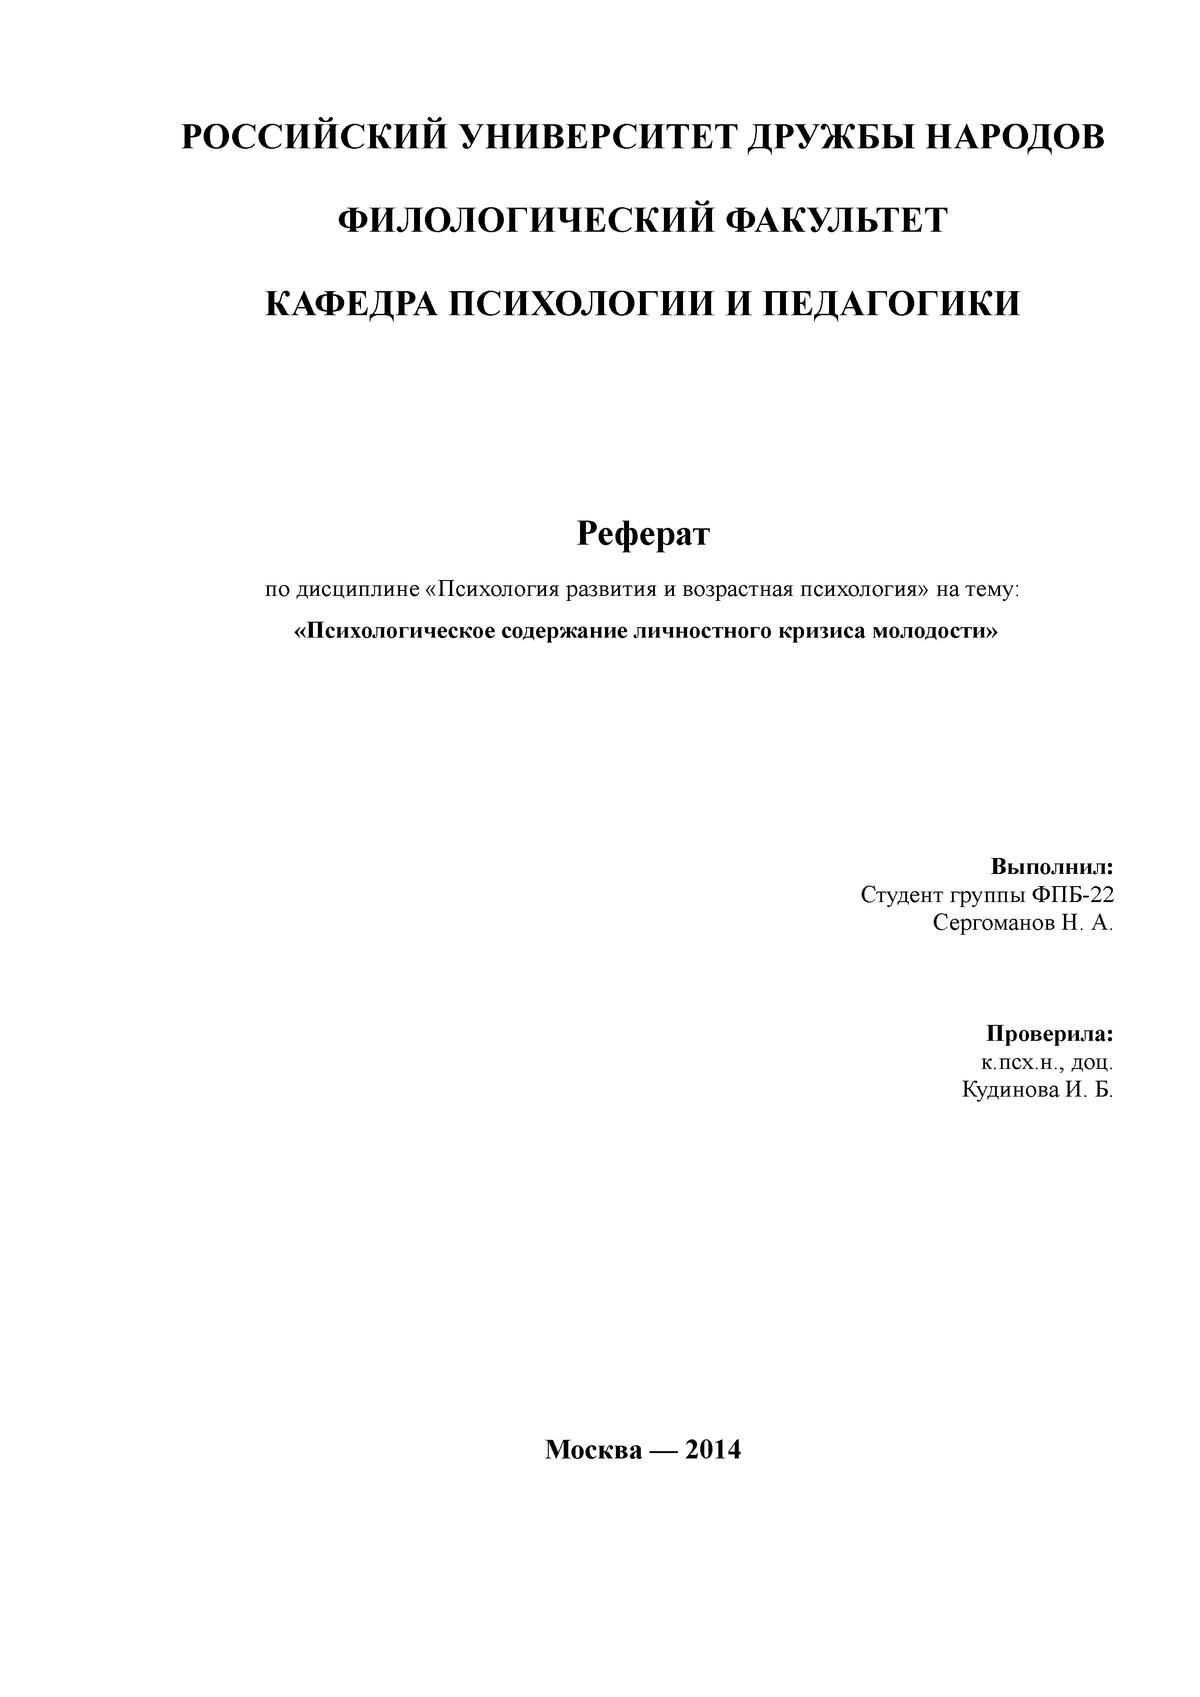 Реферат перспективы развития психологии 6932